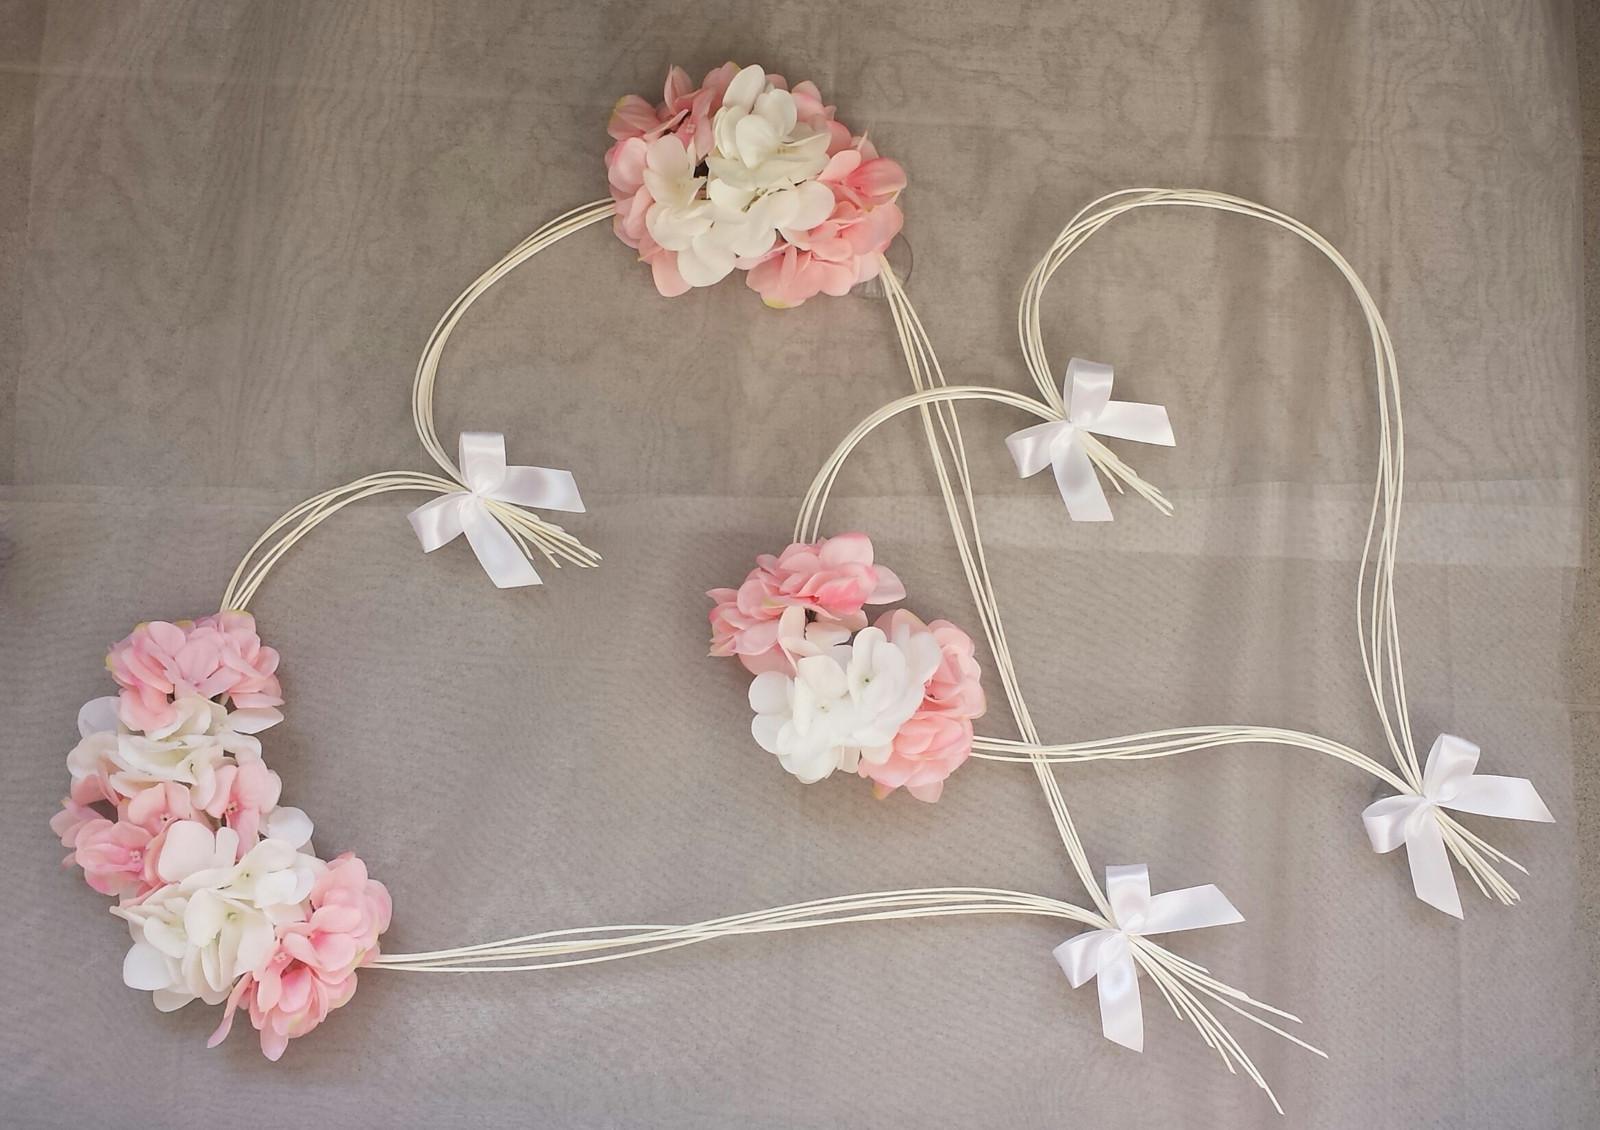 Srdce na kapotu bílá a růžová hortenzie - Obrázek č. 1